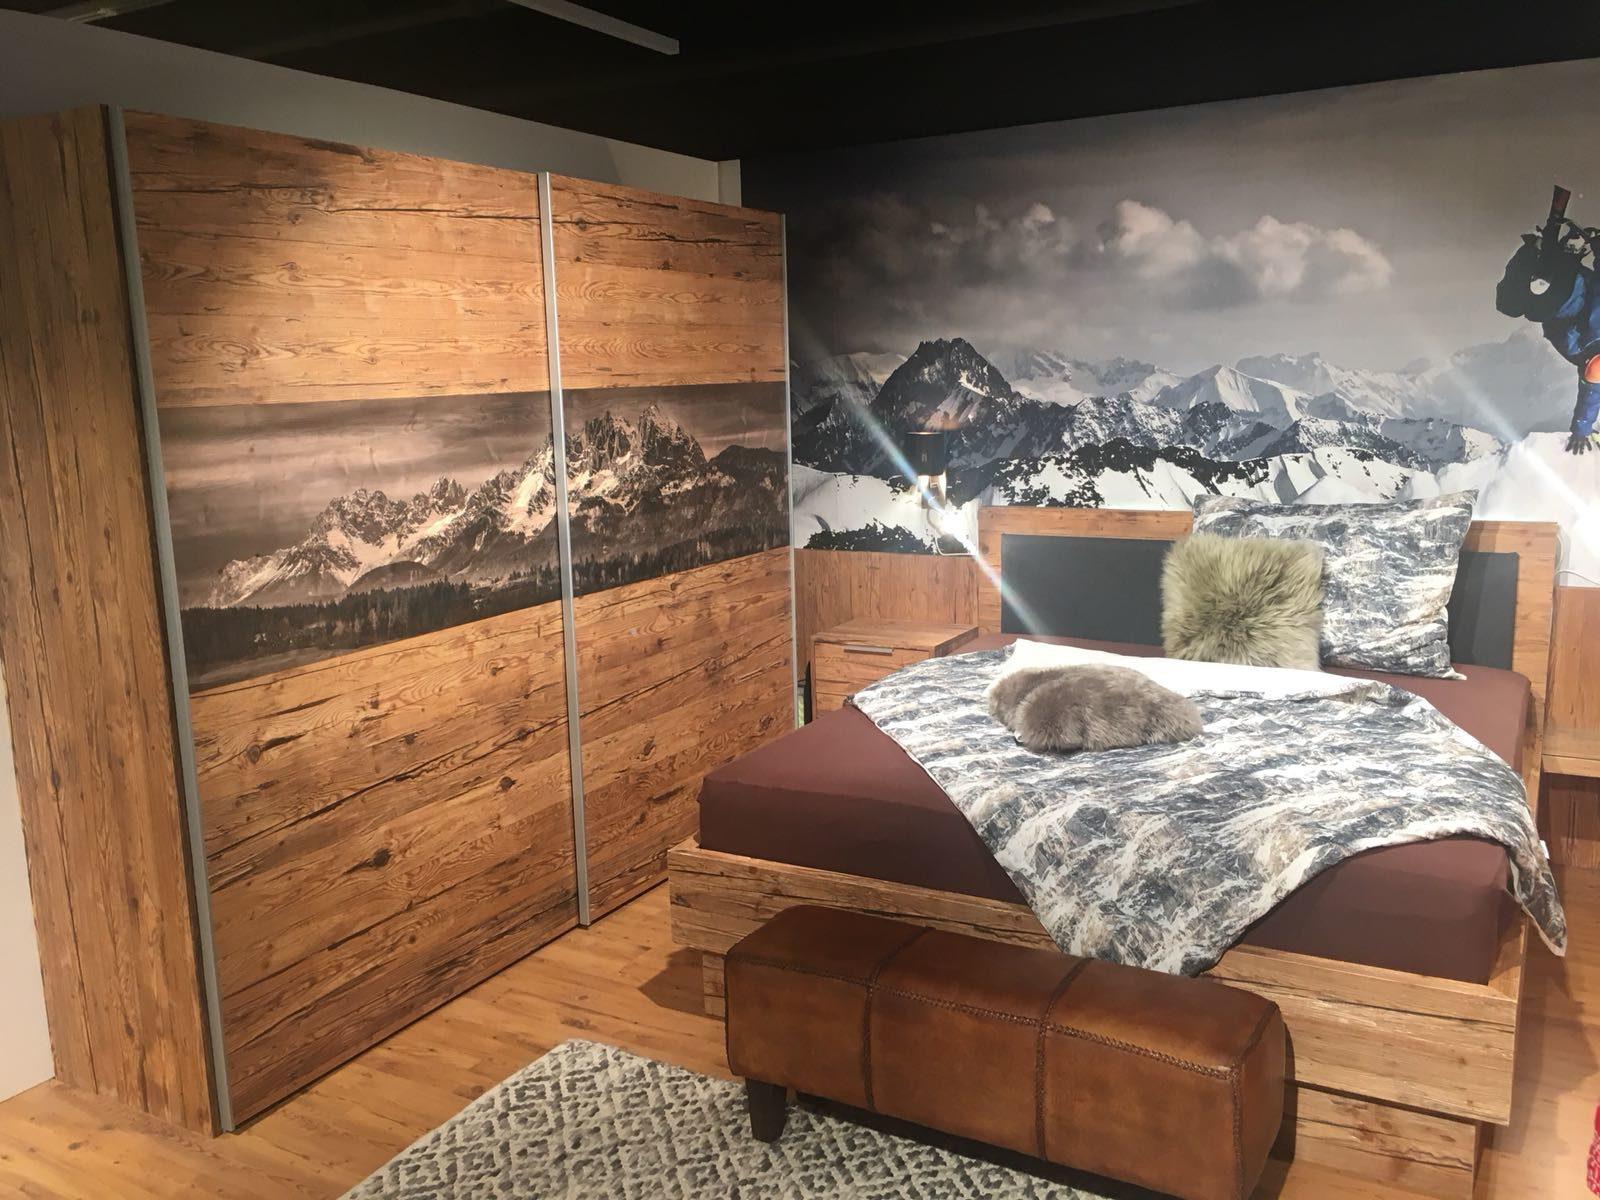 Trop Mobelabholmarkt Gmbh Startseite Schlafzimmer Schlafzimmer In